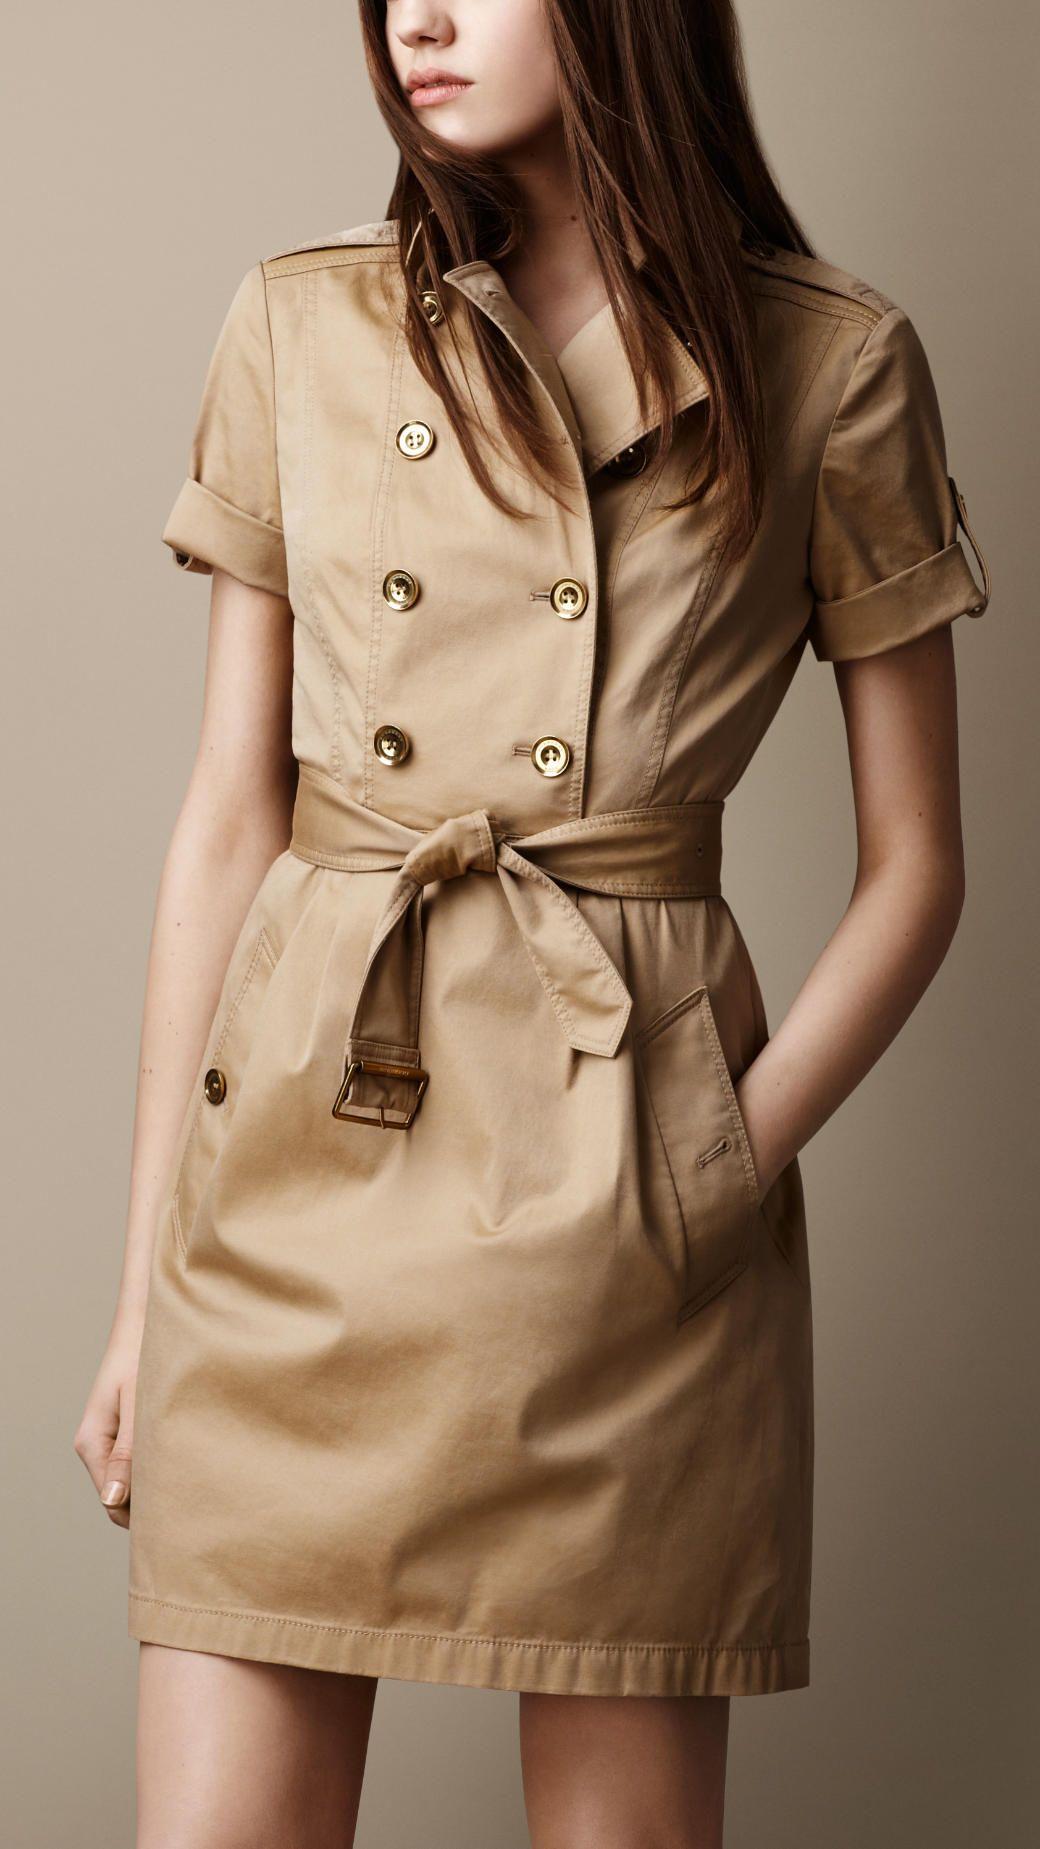 Robe trench en sergé de coton   Burberry   Dress   Pinterest   Robe ... d2cb0c6575f